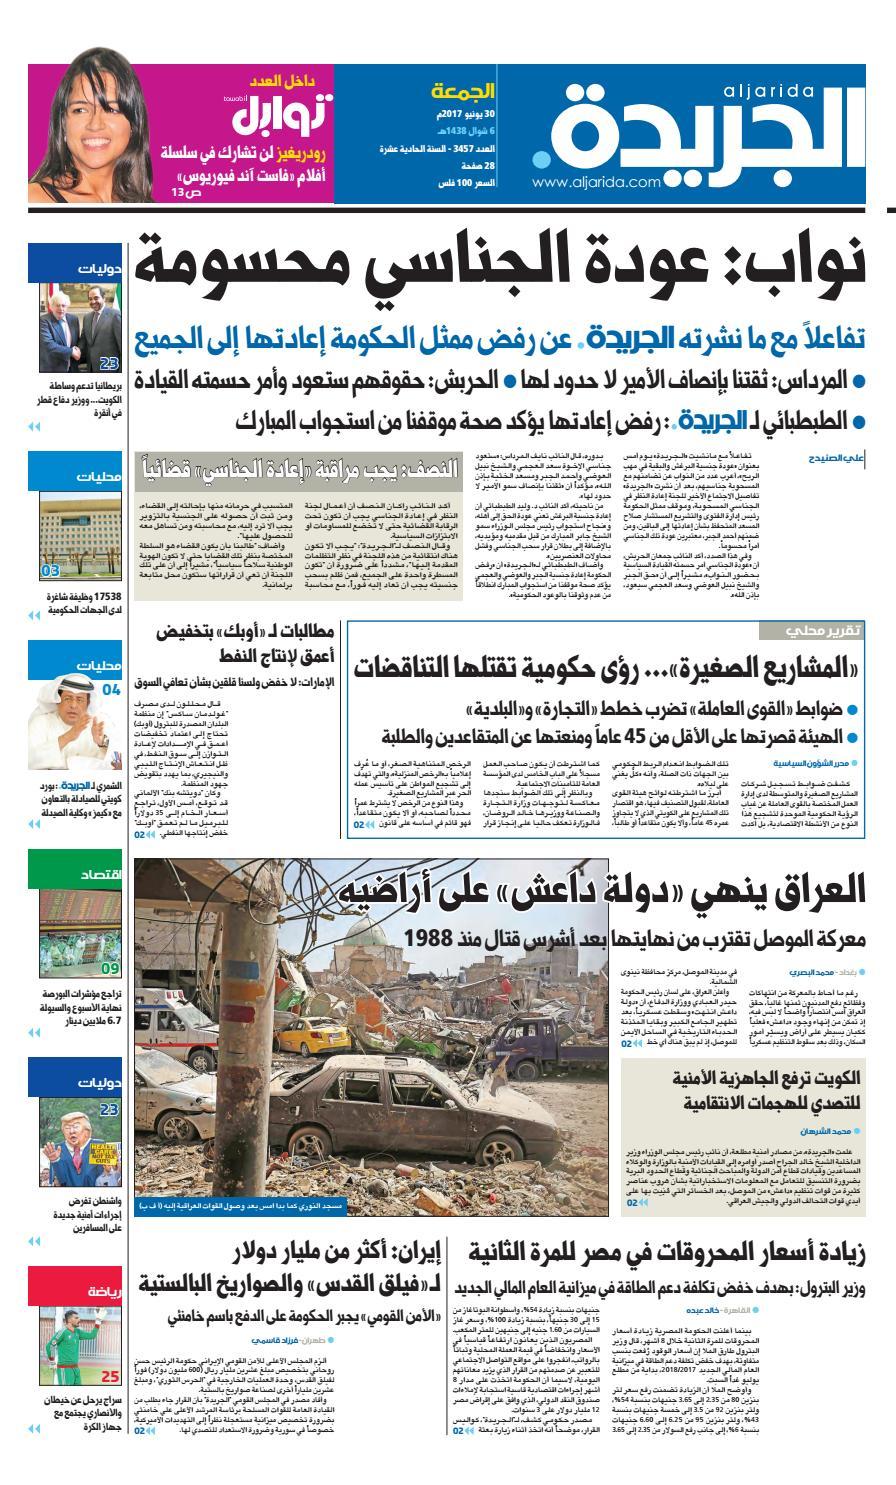 2017 عدد الجريدة 30 يونيو By Aljarida Newspaper Issuu